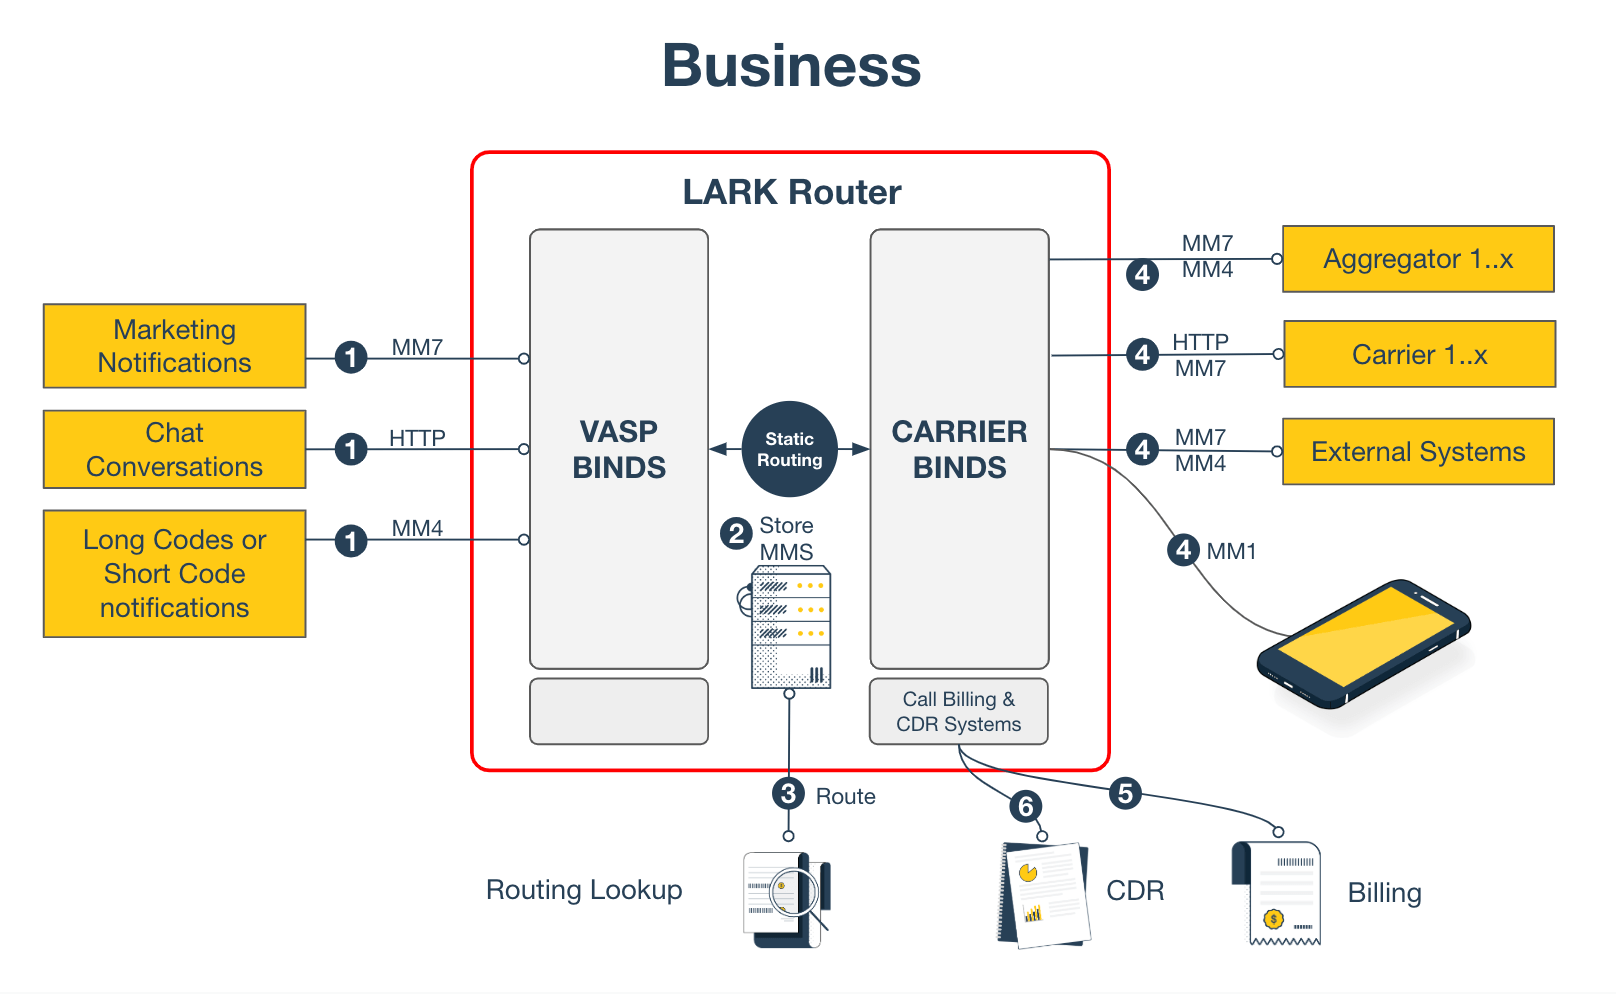 Lark Router for Businesses